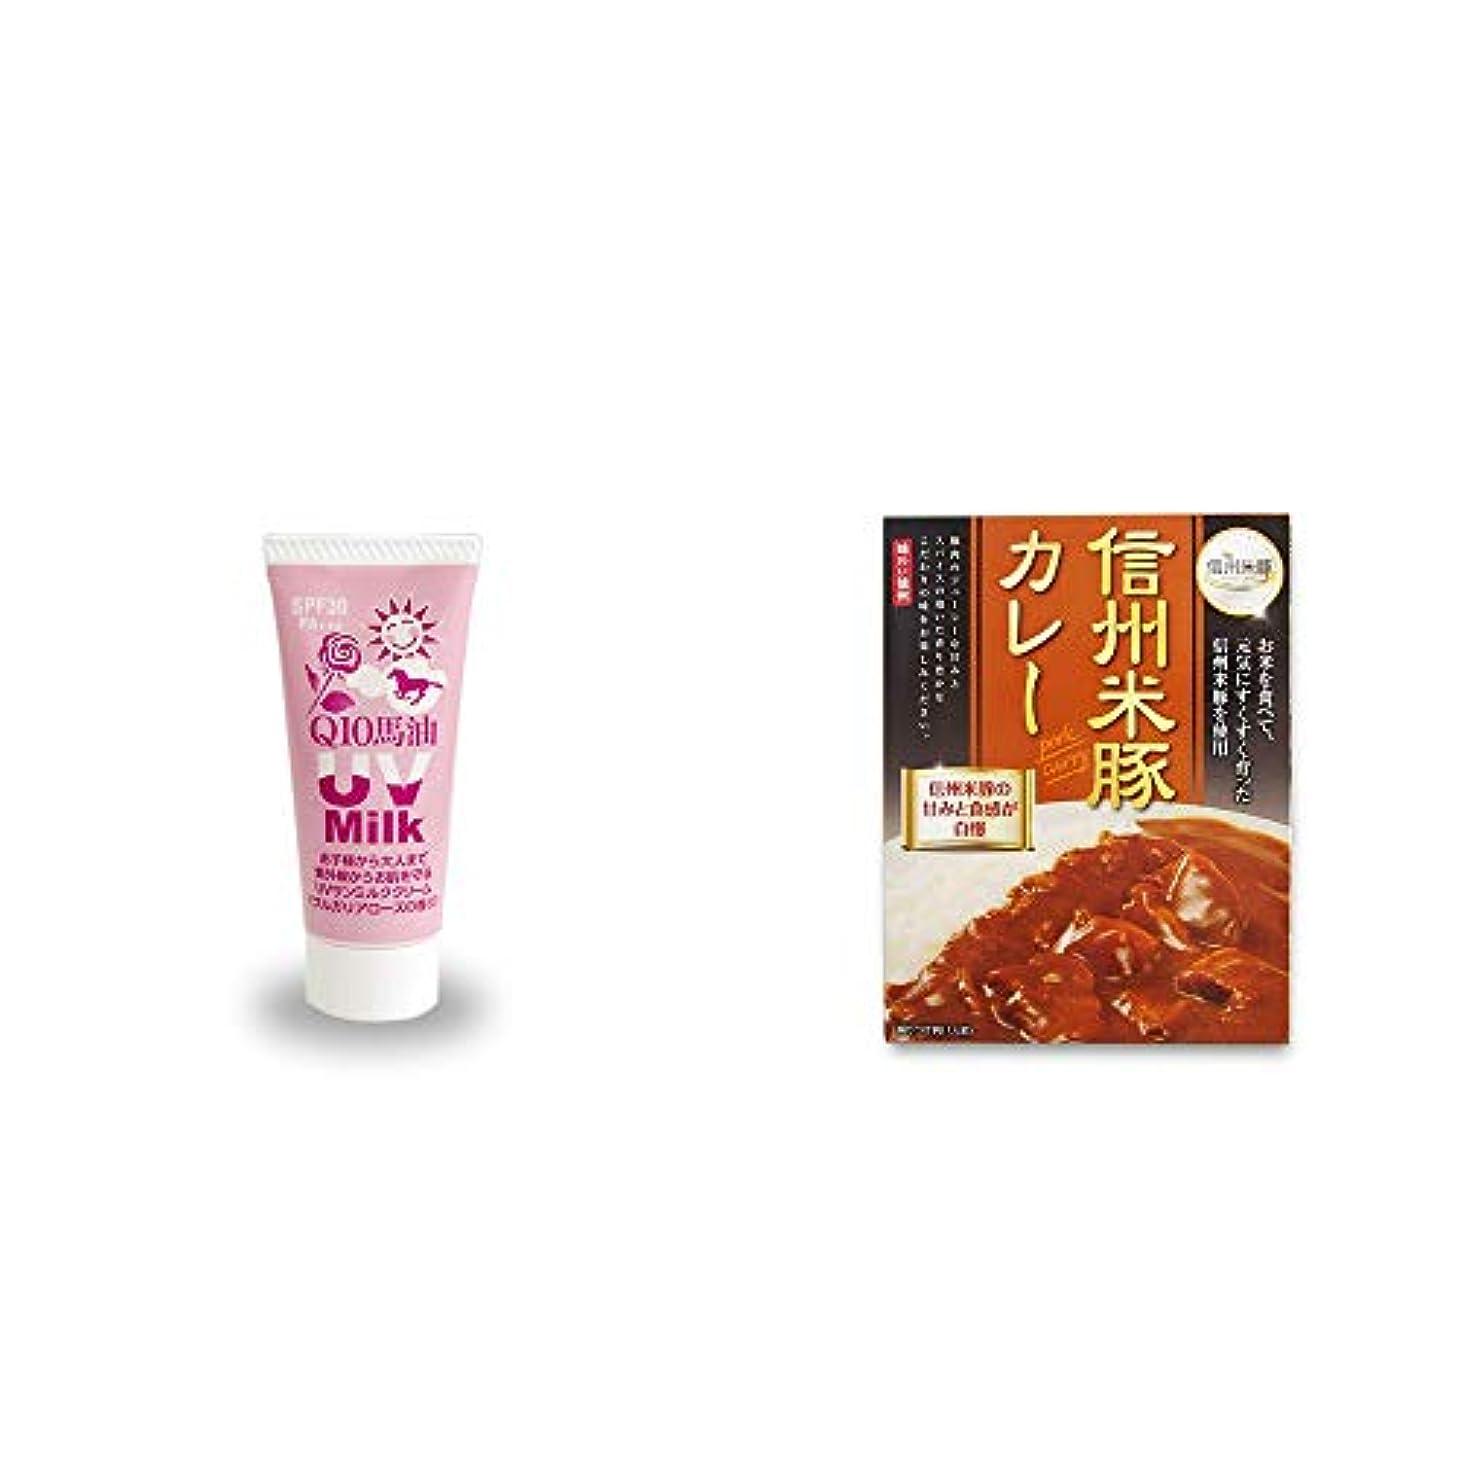 教因子勇敢な[2点セット] 炭黒泉 Q10馬油 UVサンミルク[ブルガリアローズ](40g)?信州米豚カレー(1食分)